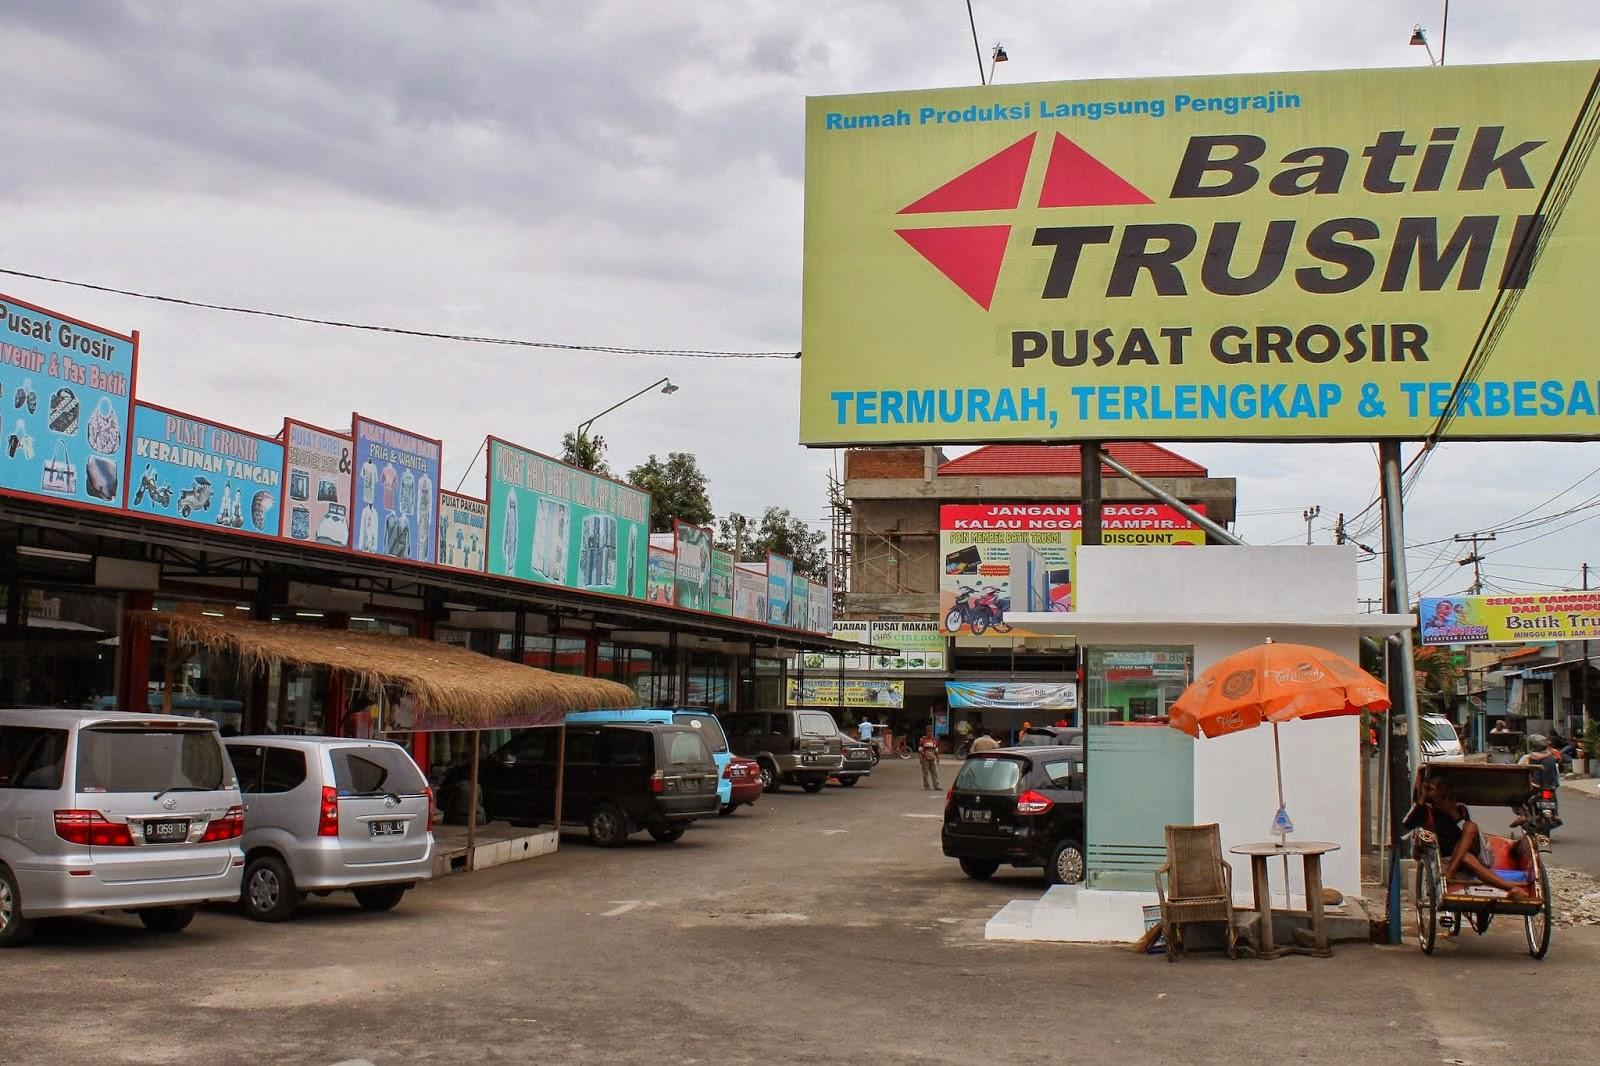 Kampung Batik Trusmi